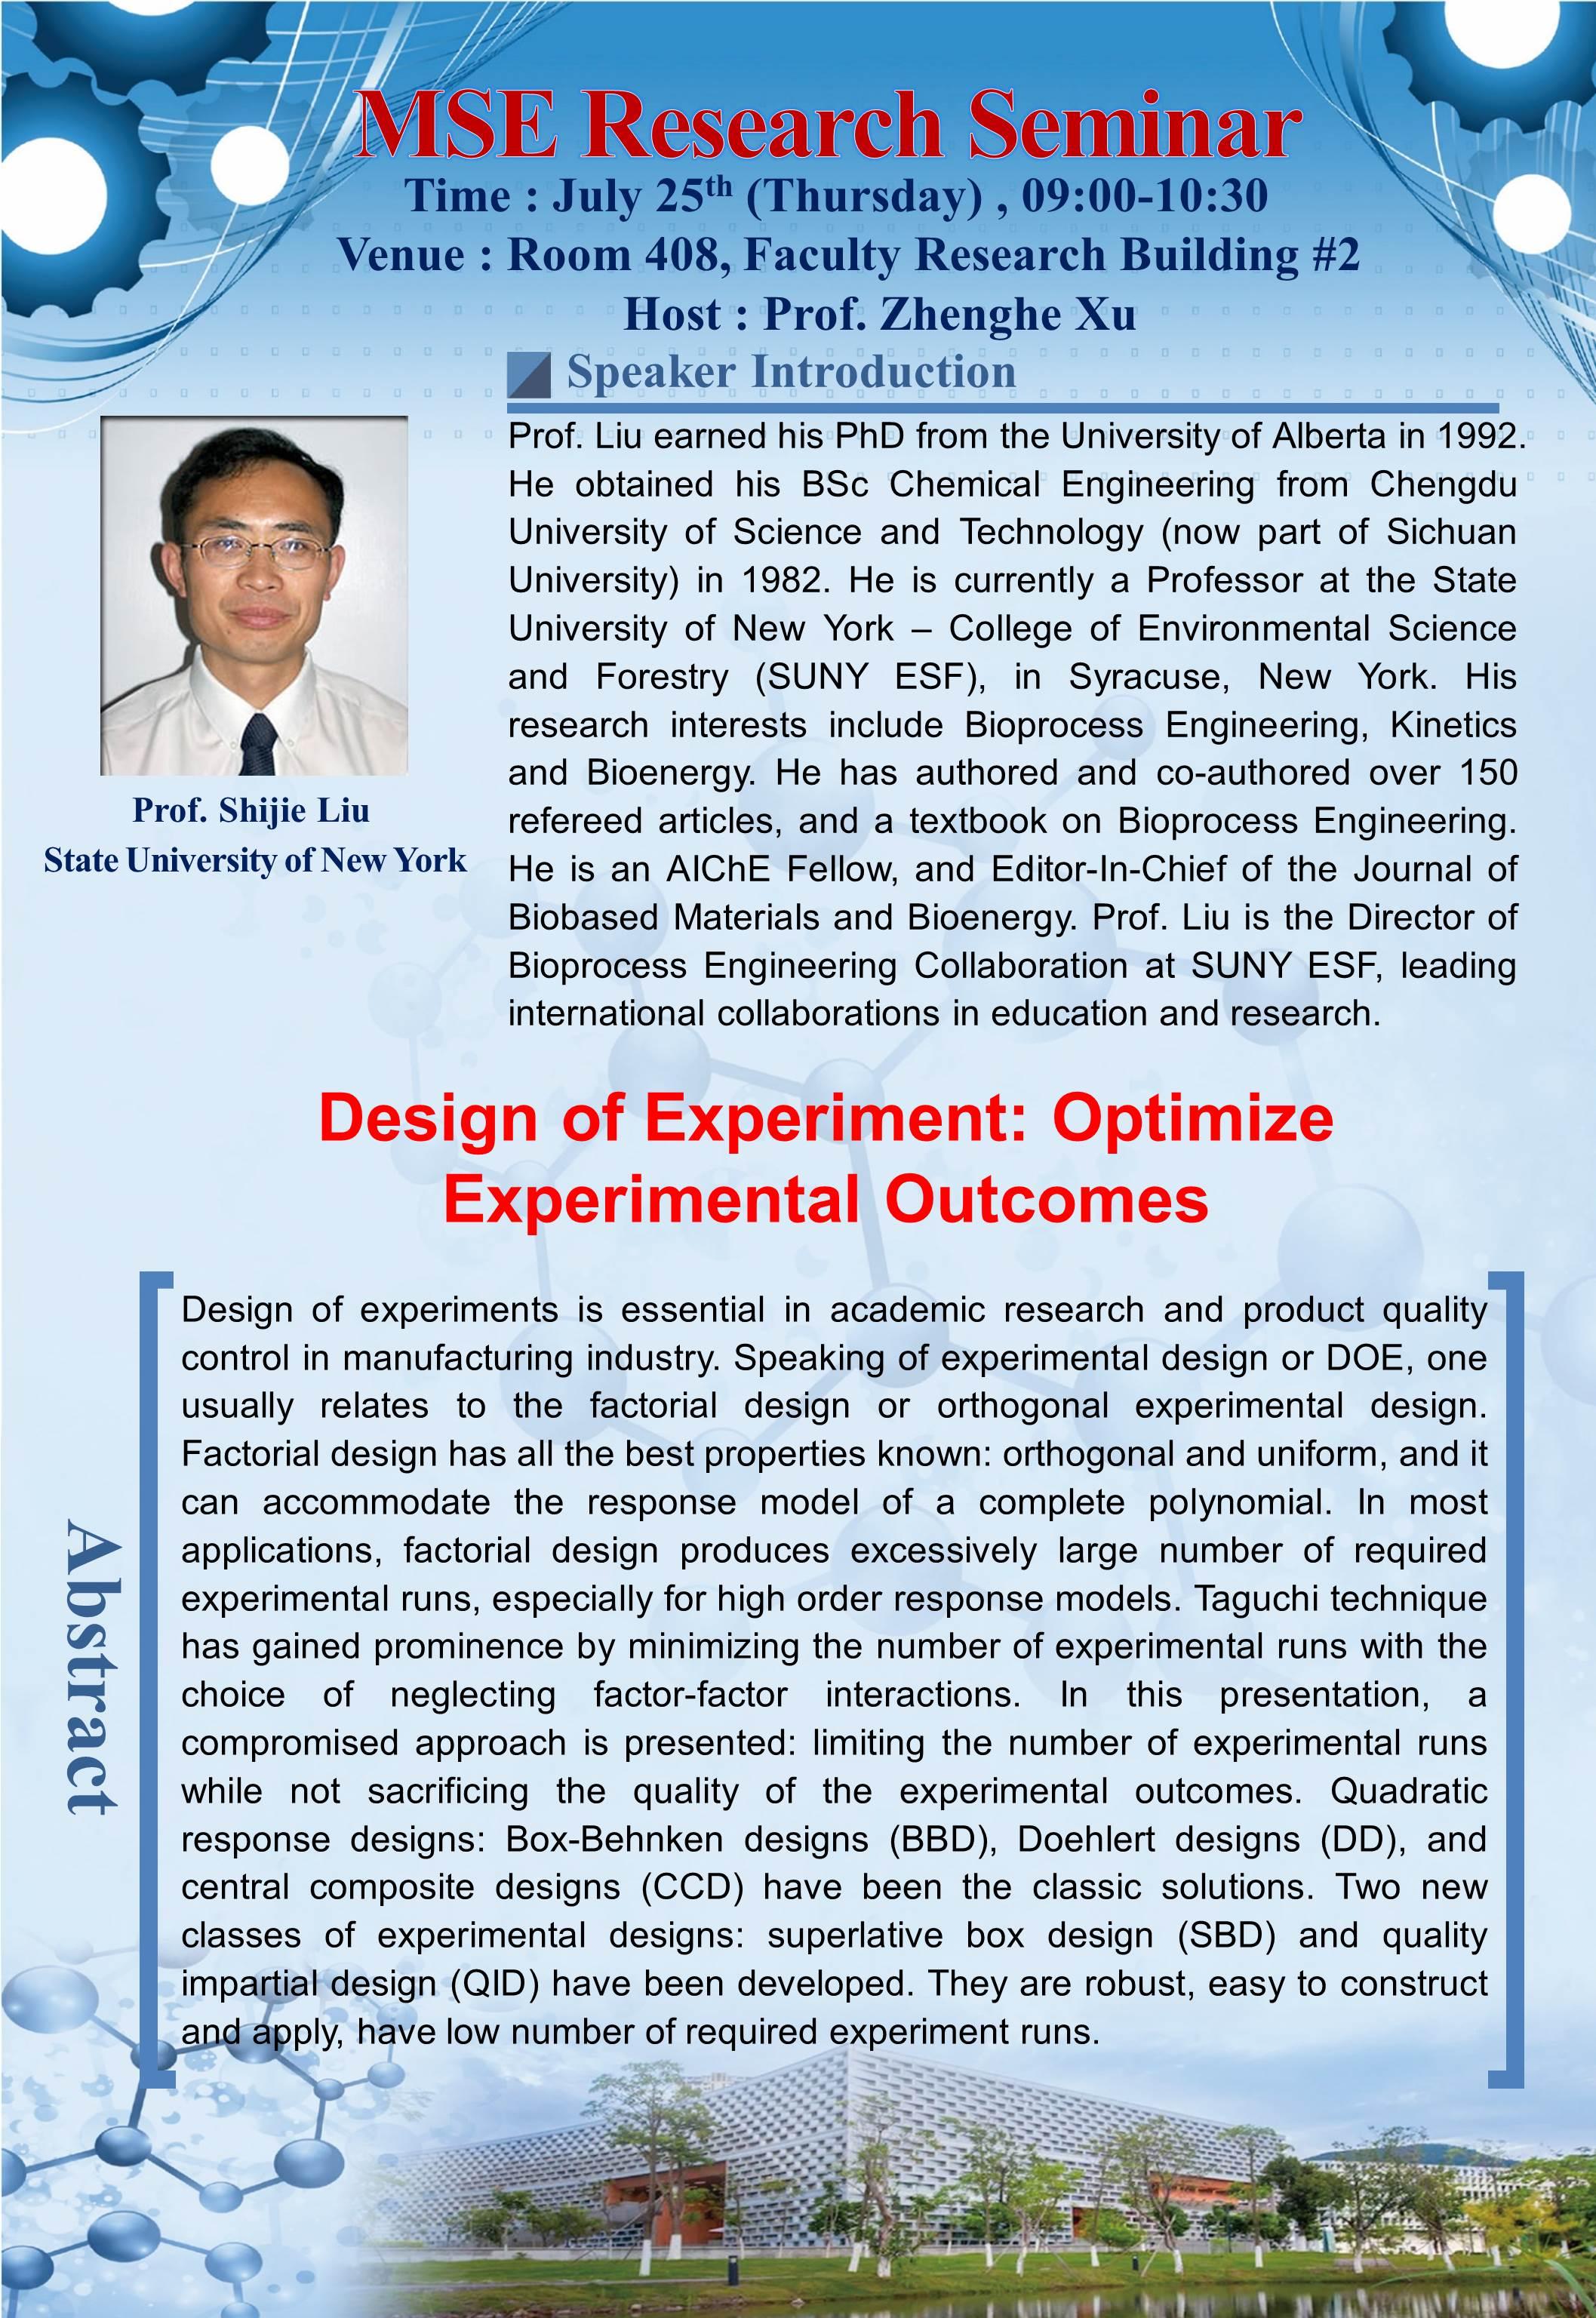 7月25日 9:30 liu shijie教授 徐政和.jpg